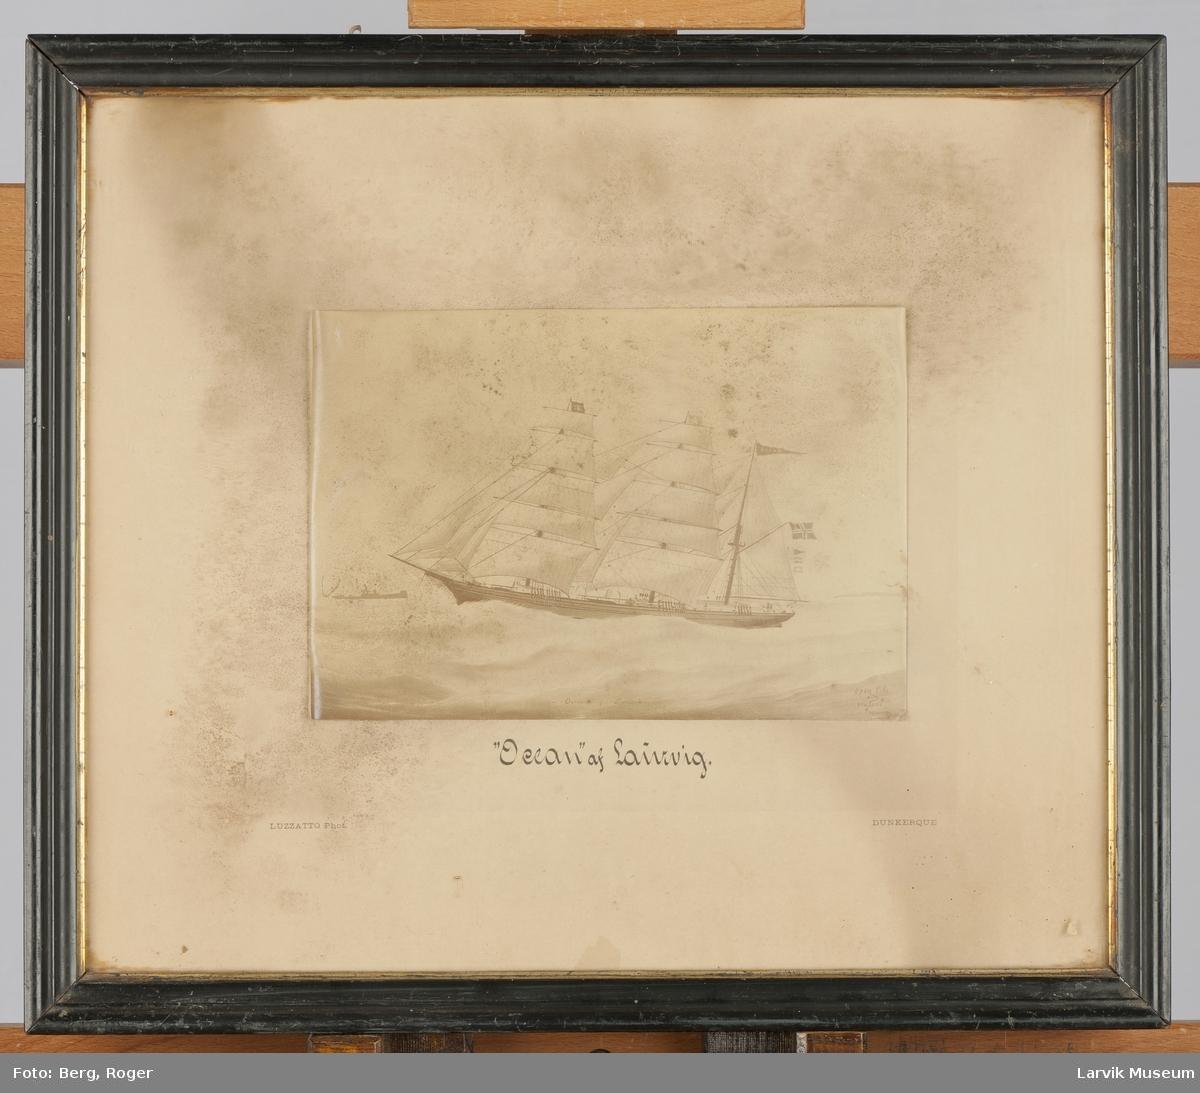 Barken Ocean av Larvik med fulle seil